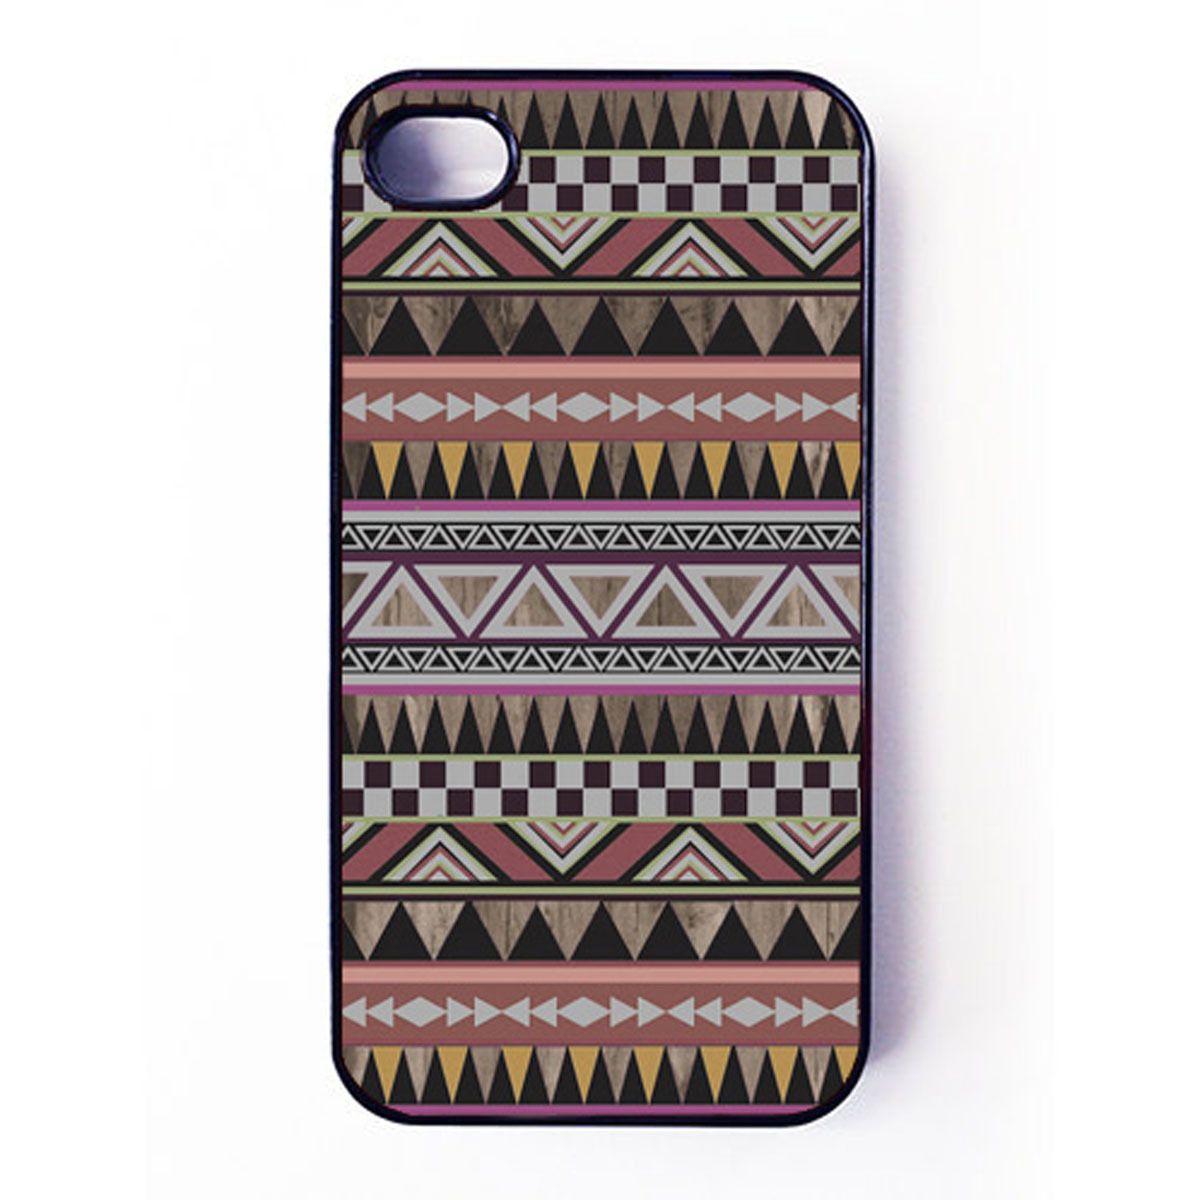 iPhone4/4S case / AZTECO20